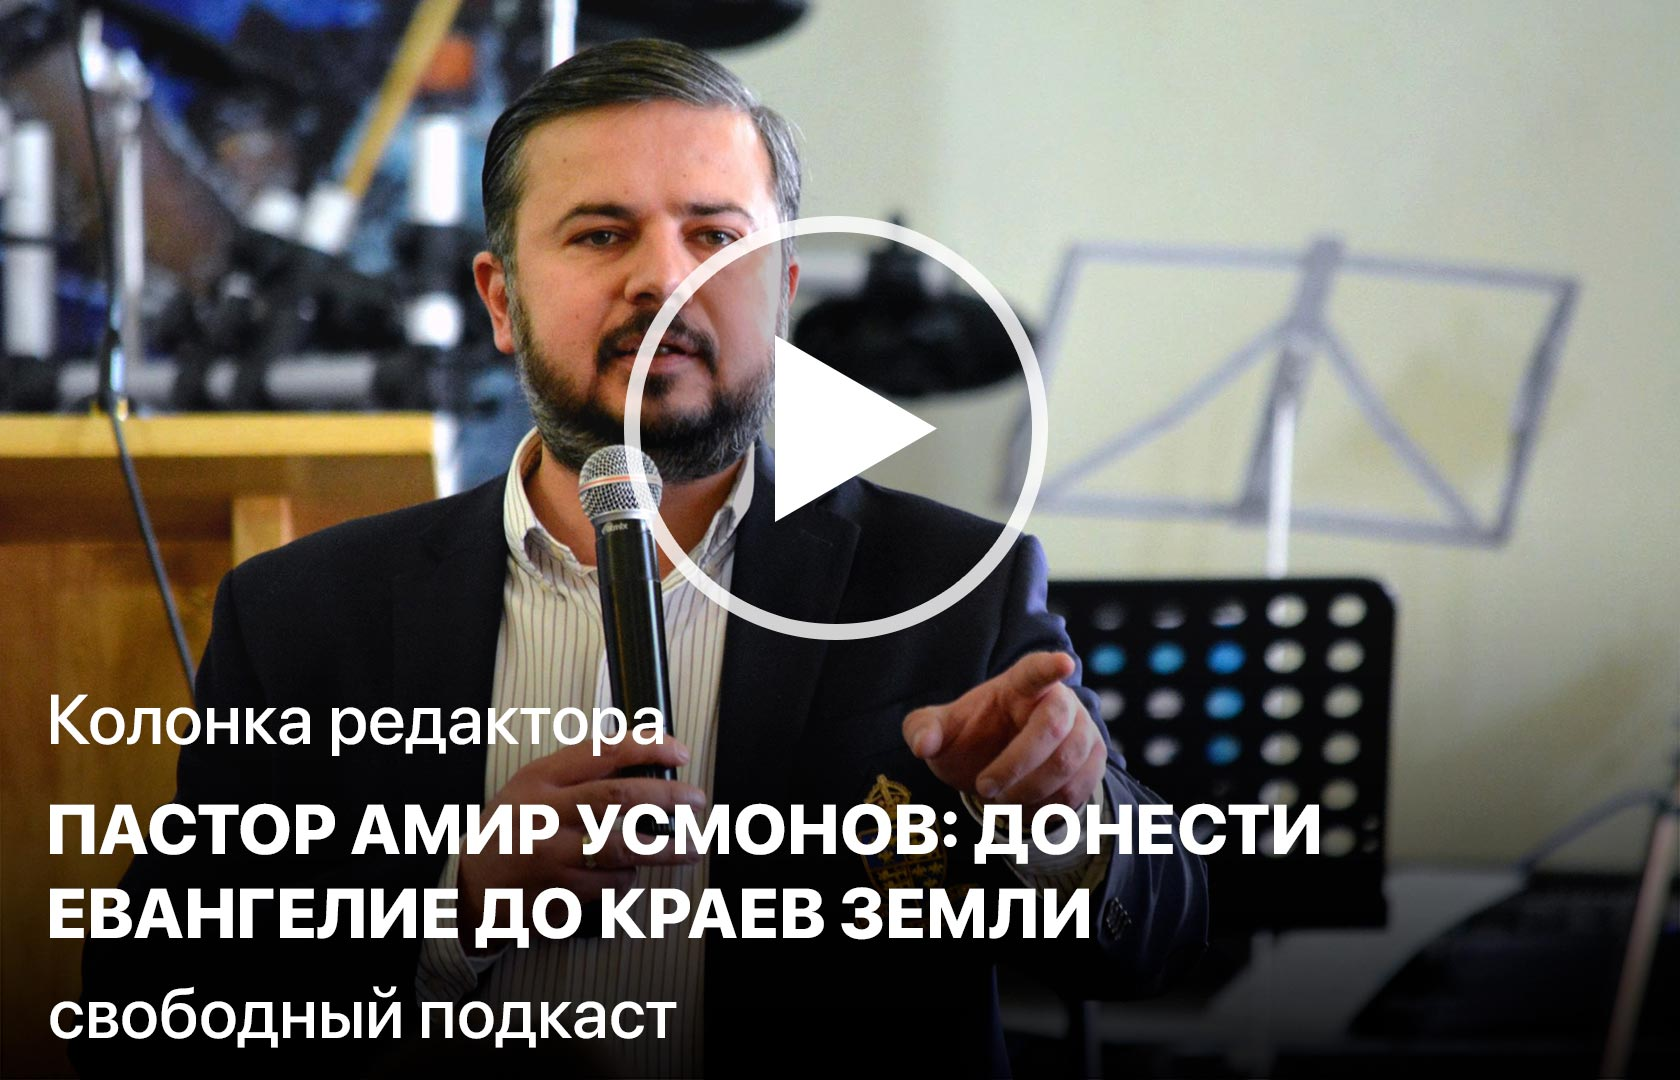 Колонка редактора. Пастор Амир Усмонов: донести Евангелие до краев земли